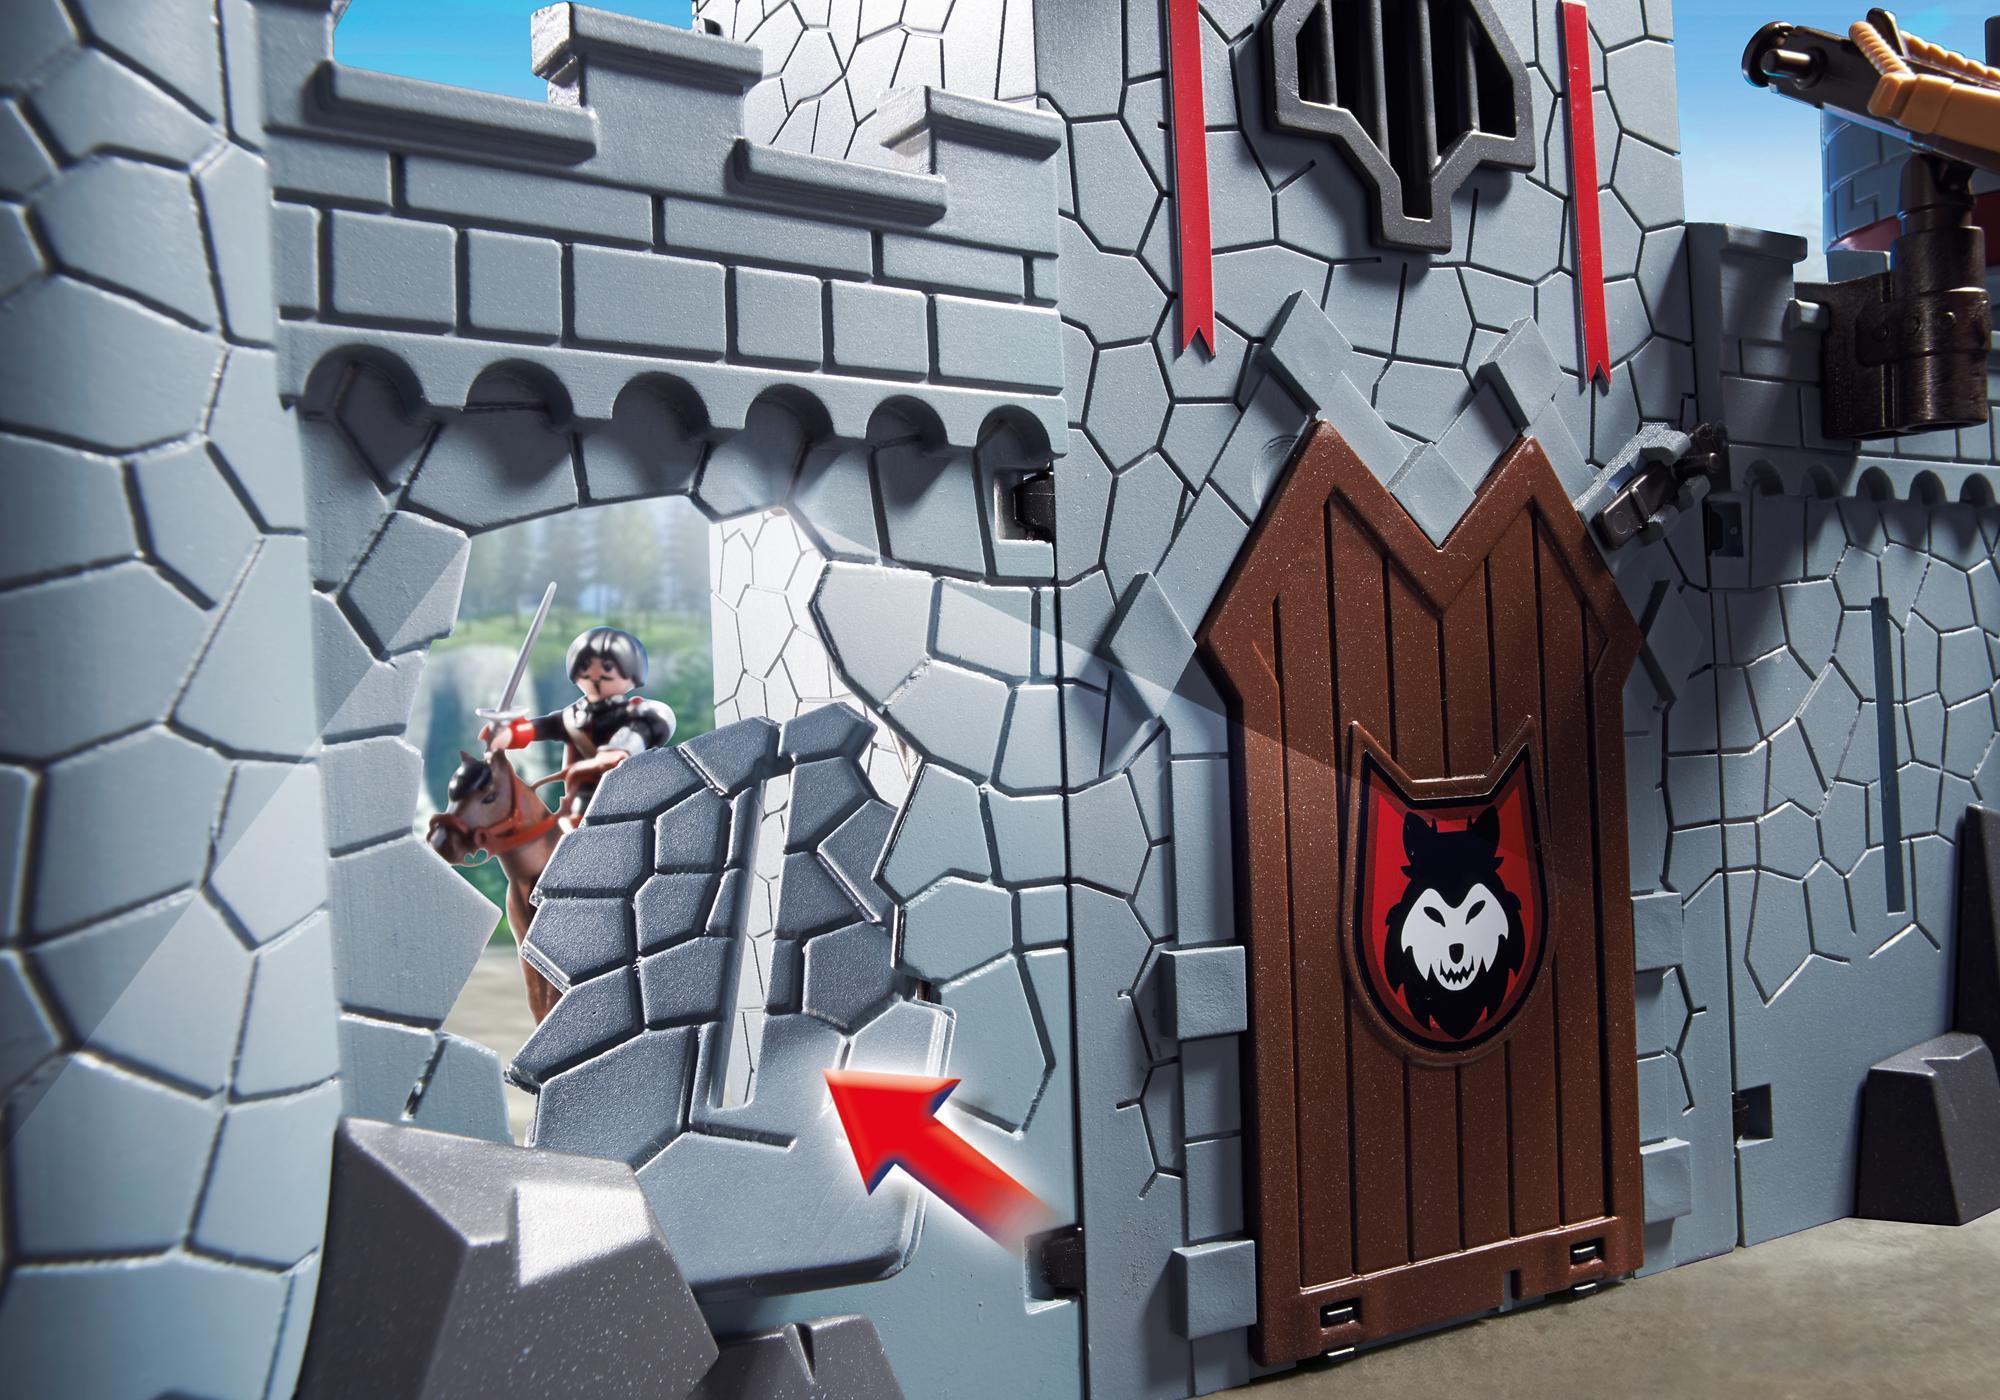 http://media.playmobil.com/i/playmobil/6697_product_extra1/Возьми с собой: Черный замок Барона Супер4